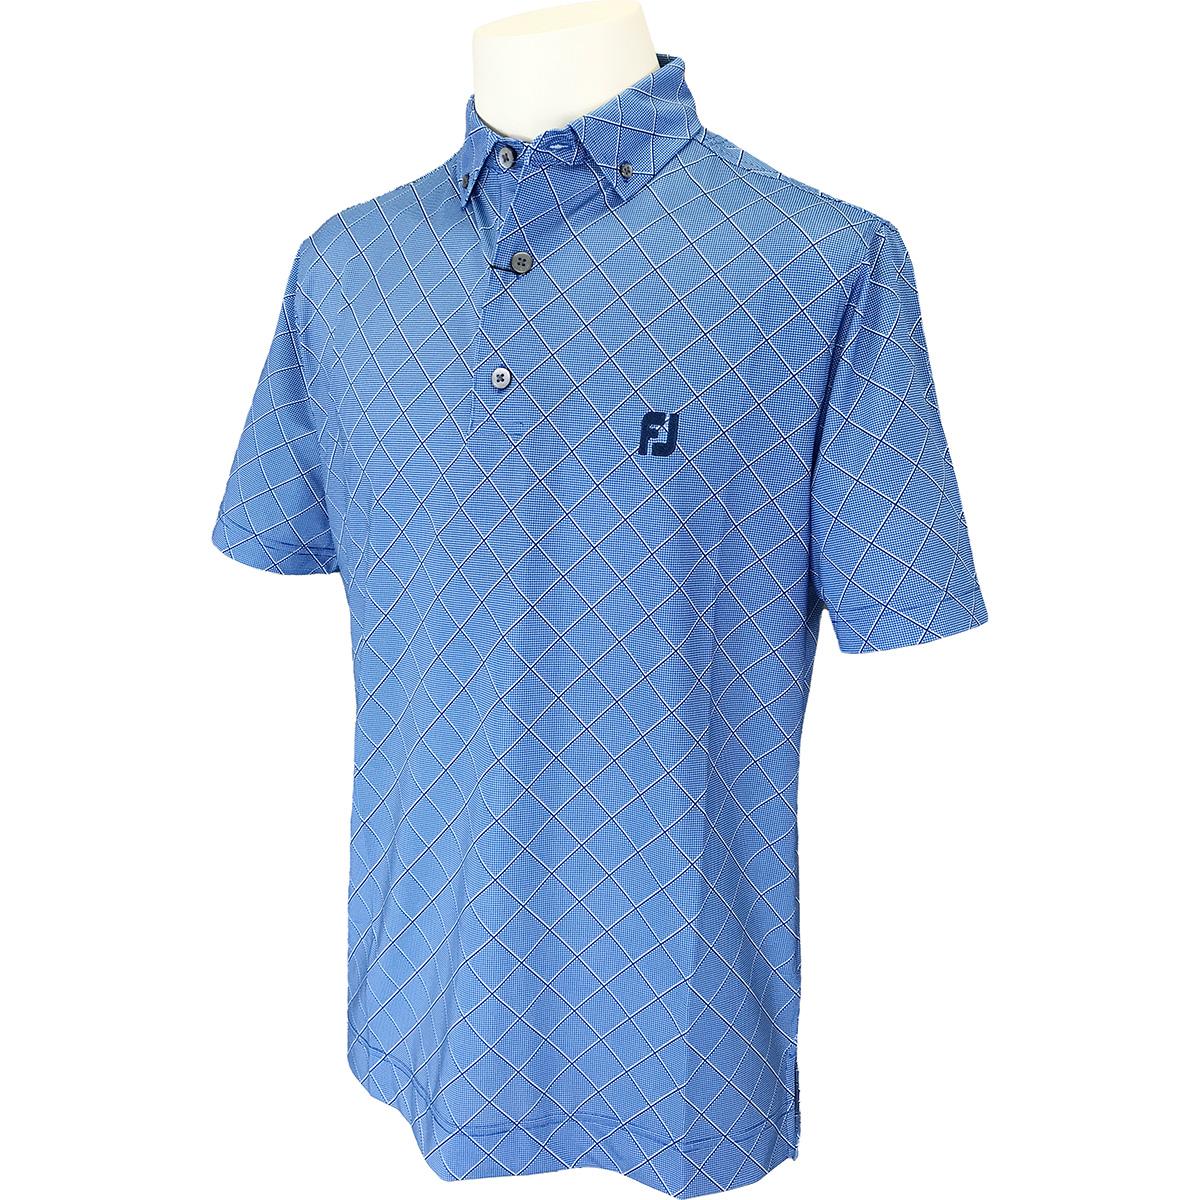 ダイアゴナルプリント ストレッチ半袖ポロシャツ